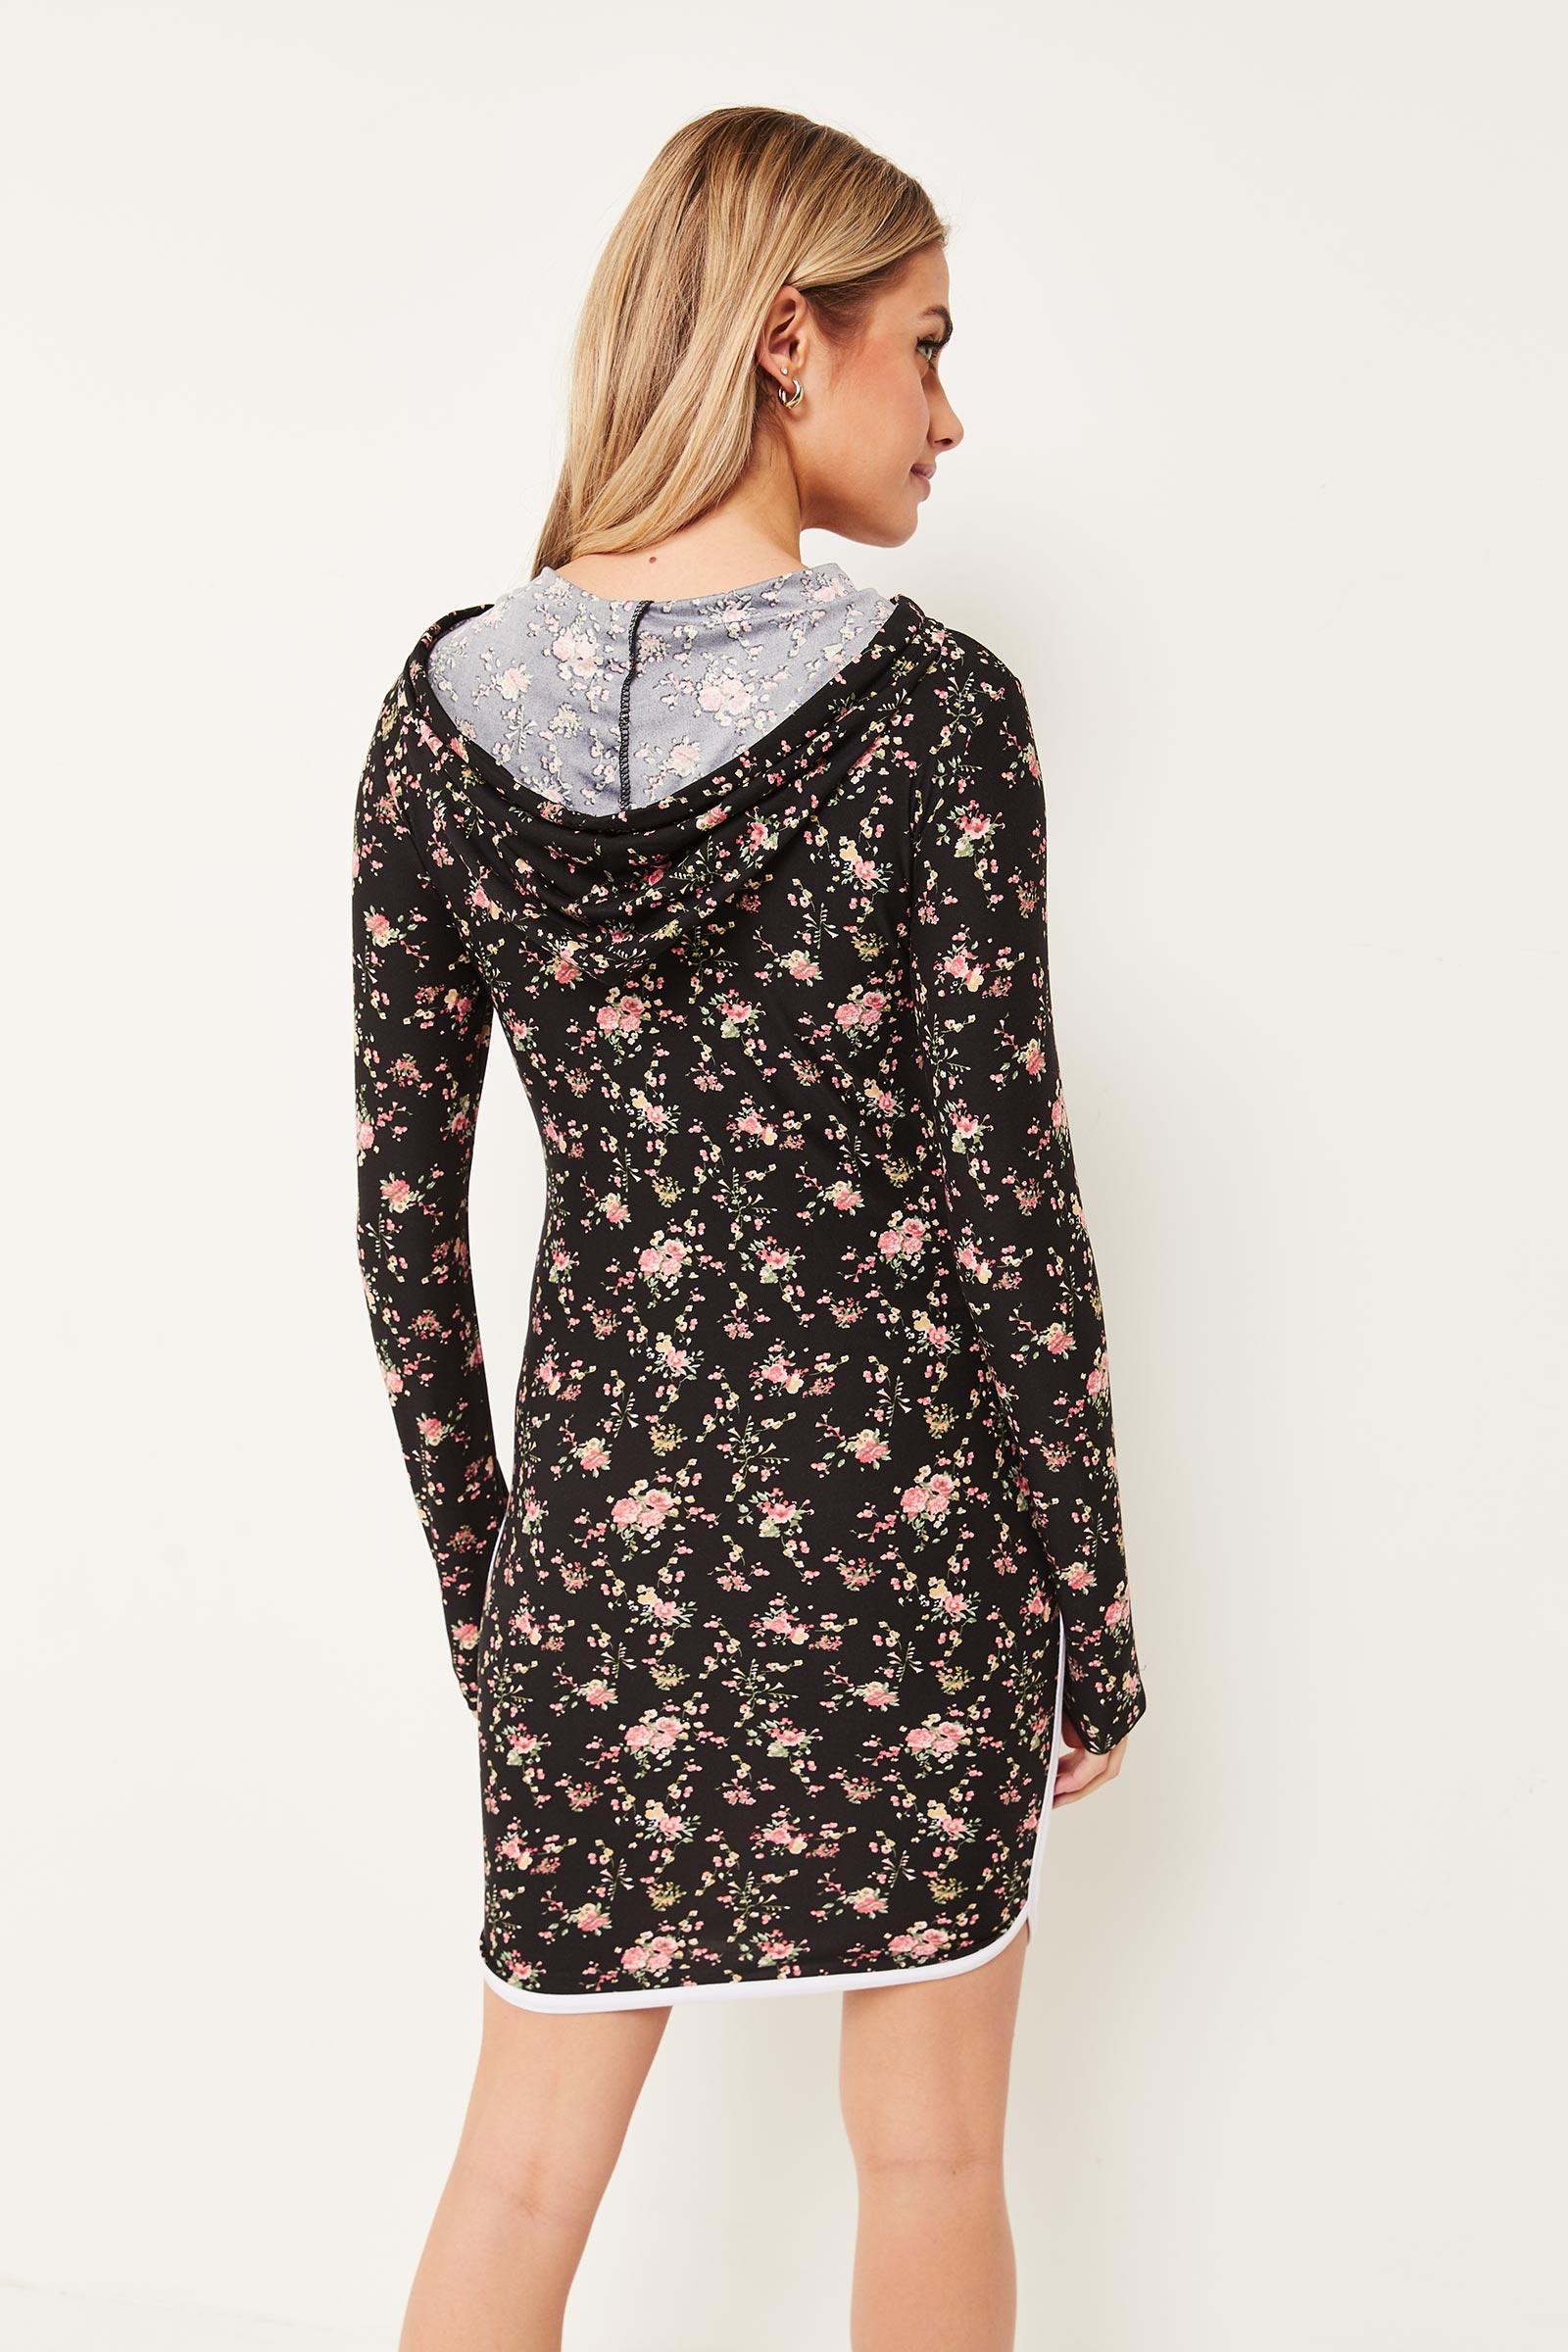 Robe courte fleurie moulante à capuchon